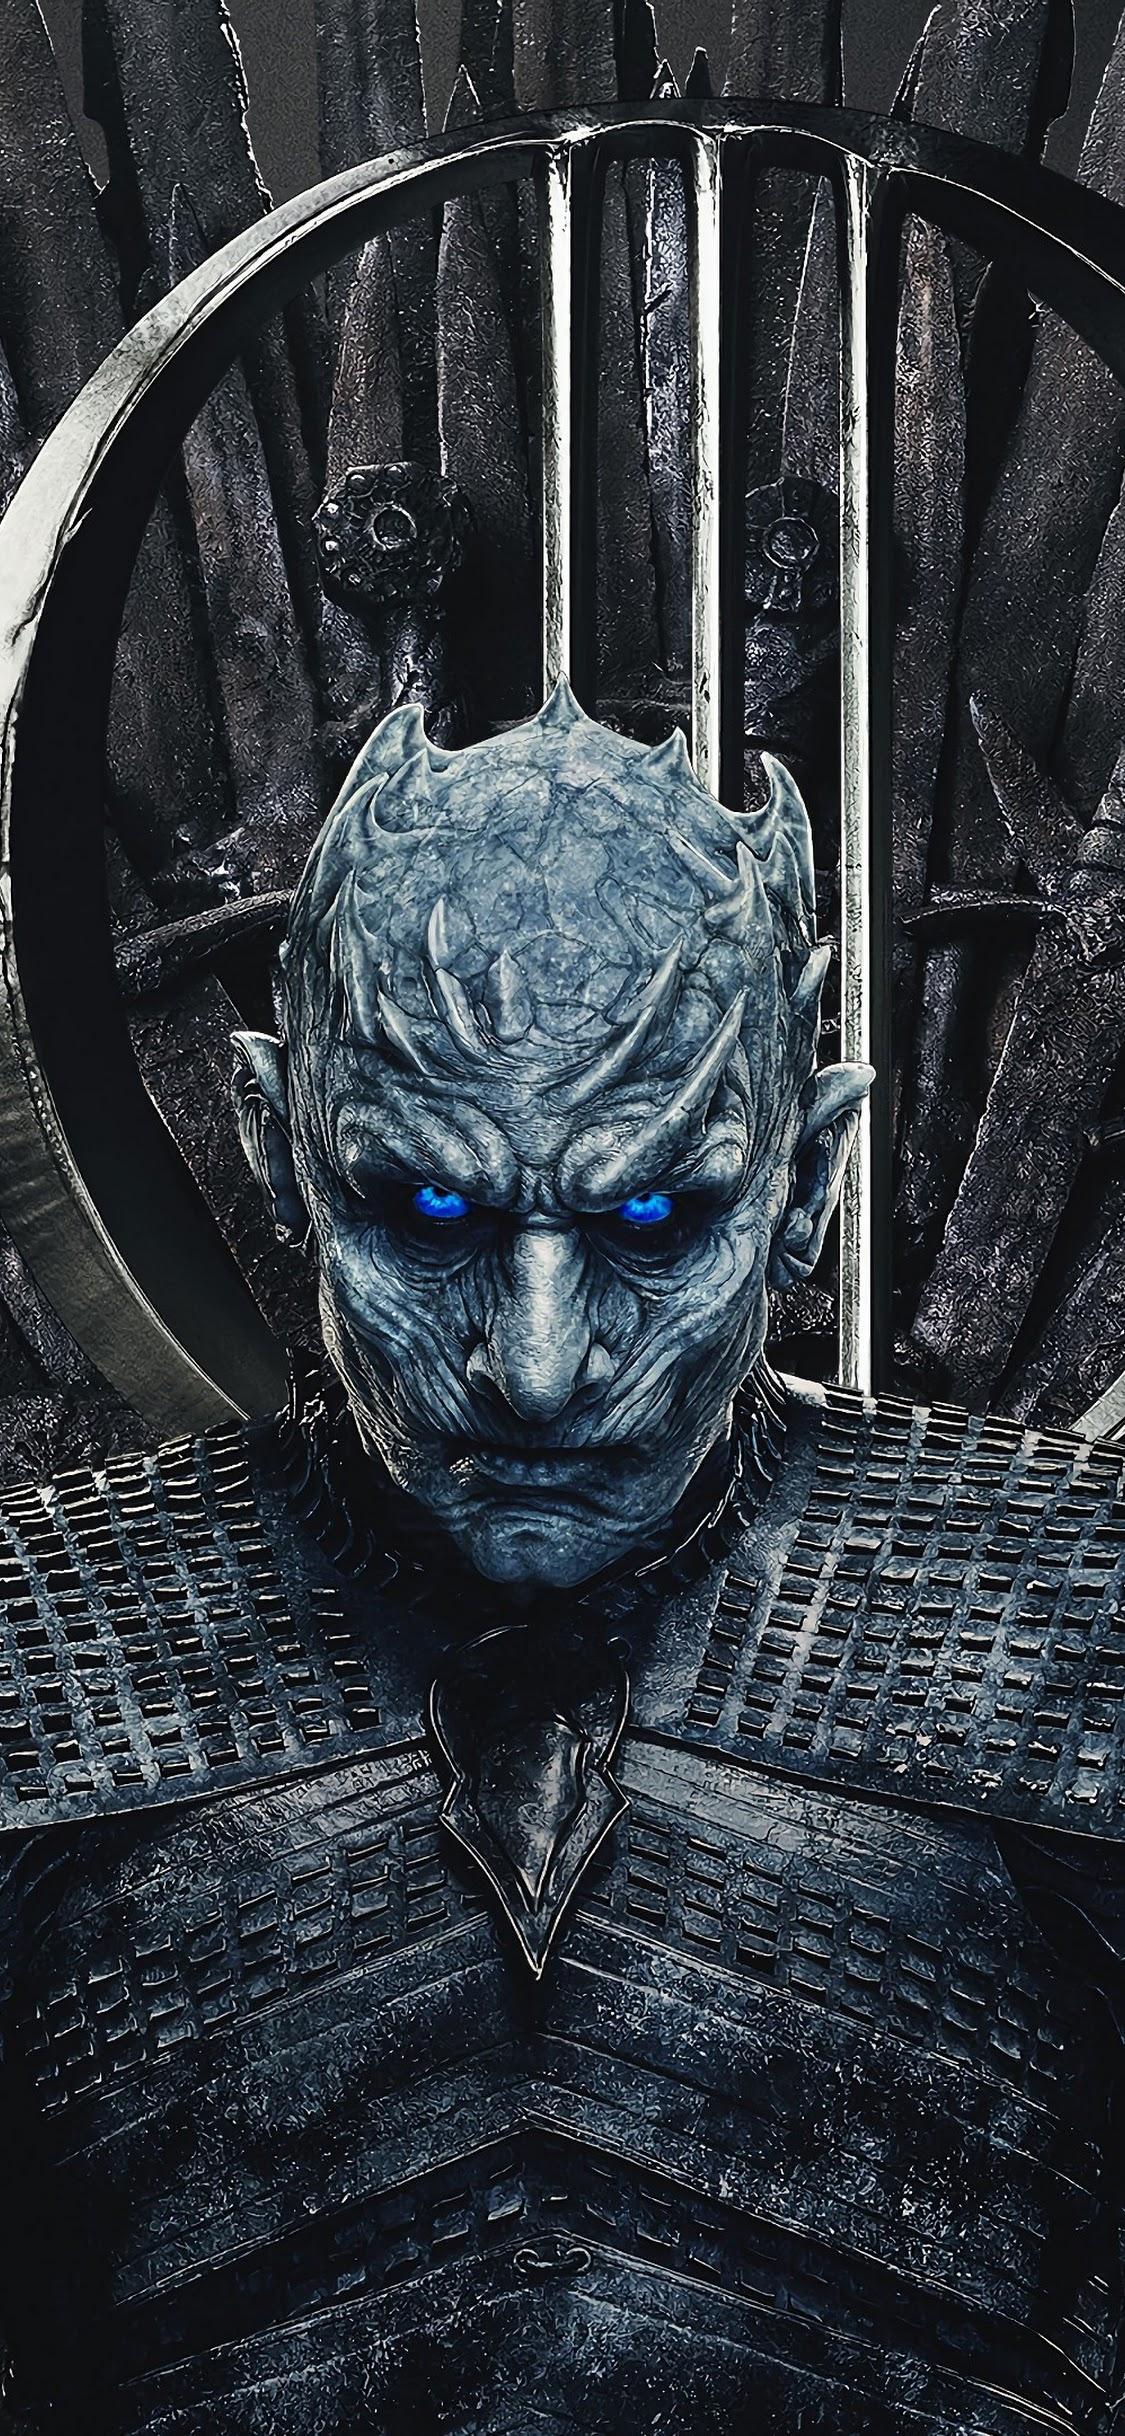 Night King, Game Of Thrones, Season 8, 4k, - Night King Wallpaper Mobile - HD Wallpaper